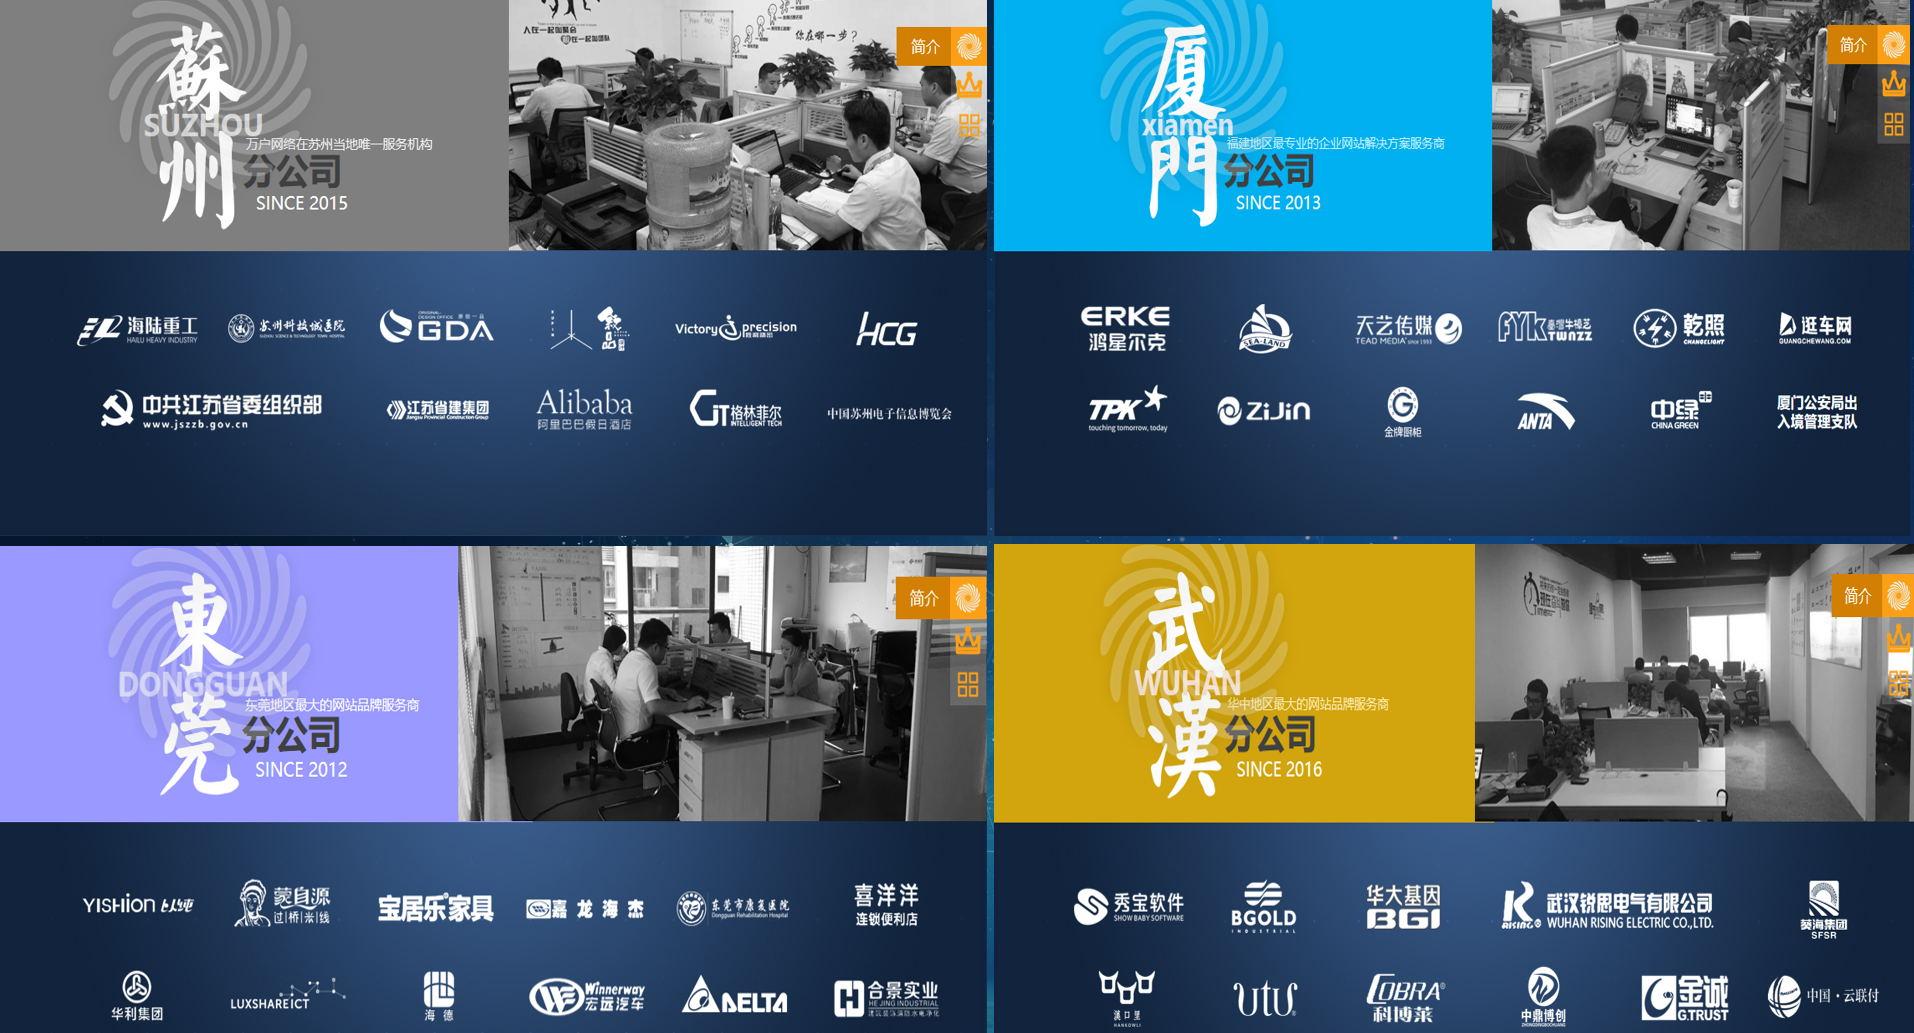 _小程序开发微信开发定制微官网公众平台制作设计商城社区公众号34